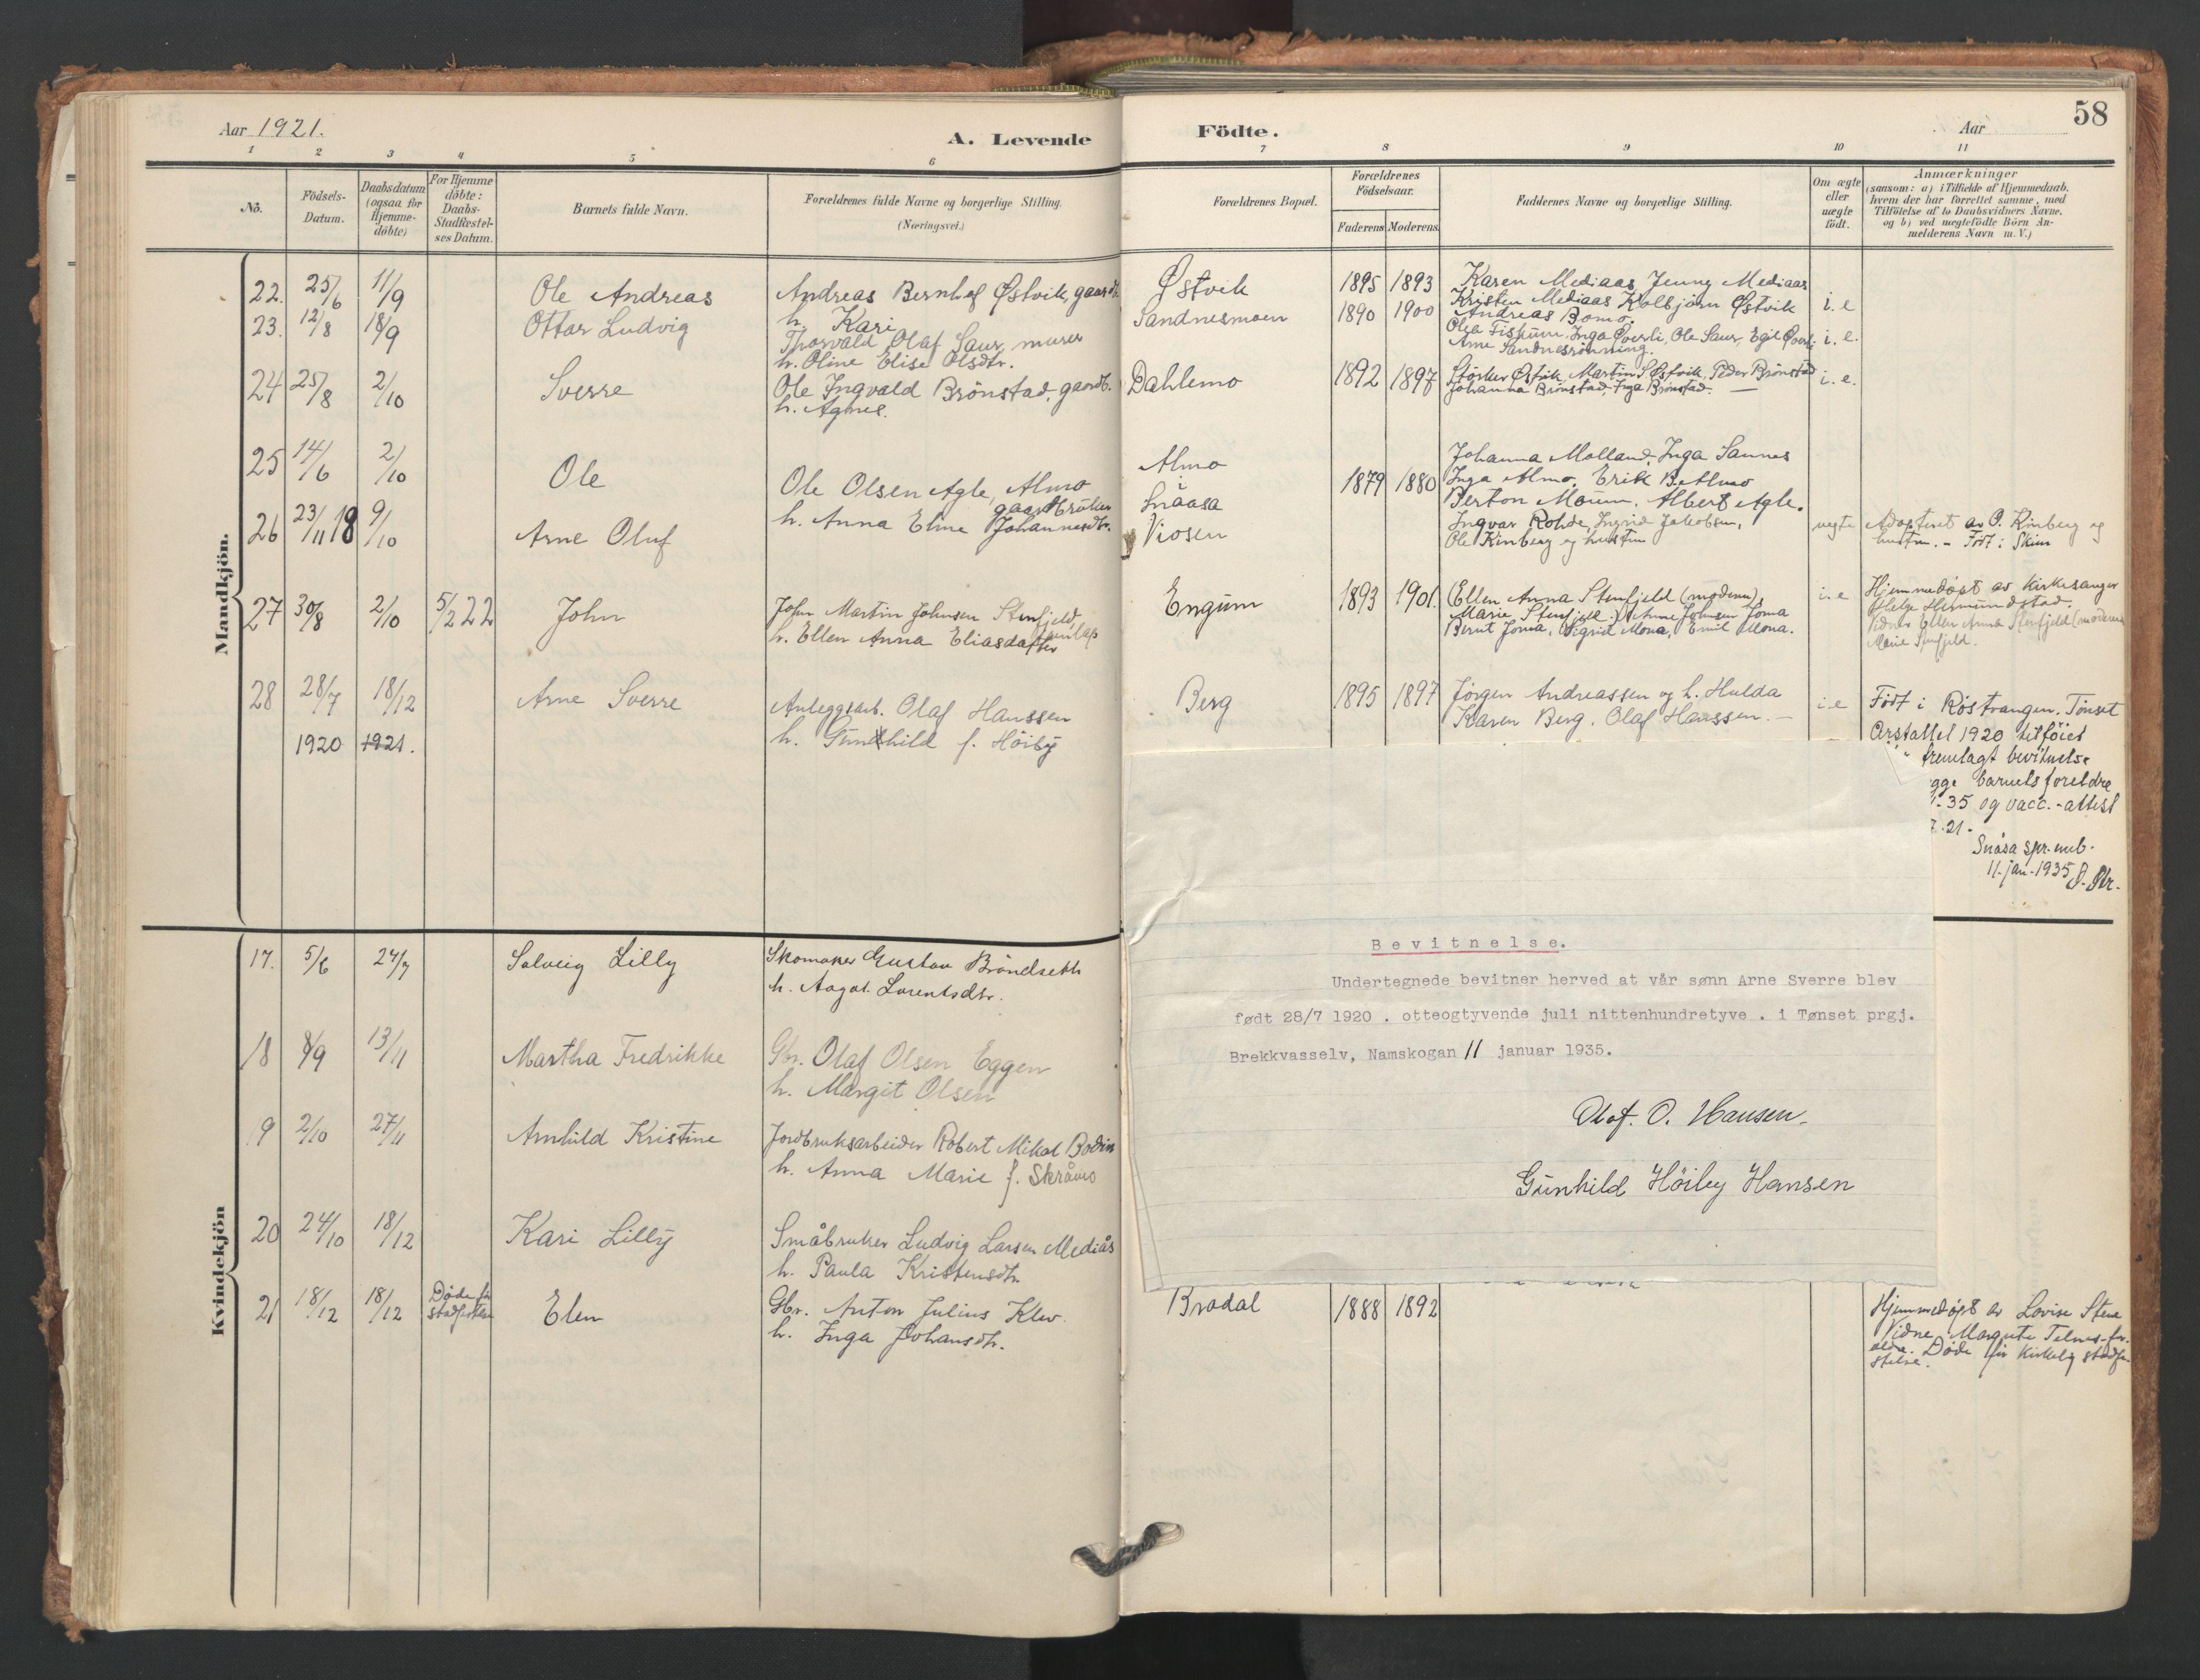 SAT, Ministerialprotokoller, klokkerbøker og fødselsregistre - Nord-Trøndelag, 749/L0477: Ministerialbok nr. 749A11, 1902-1927, s. 58